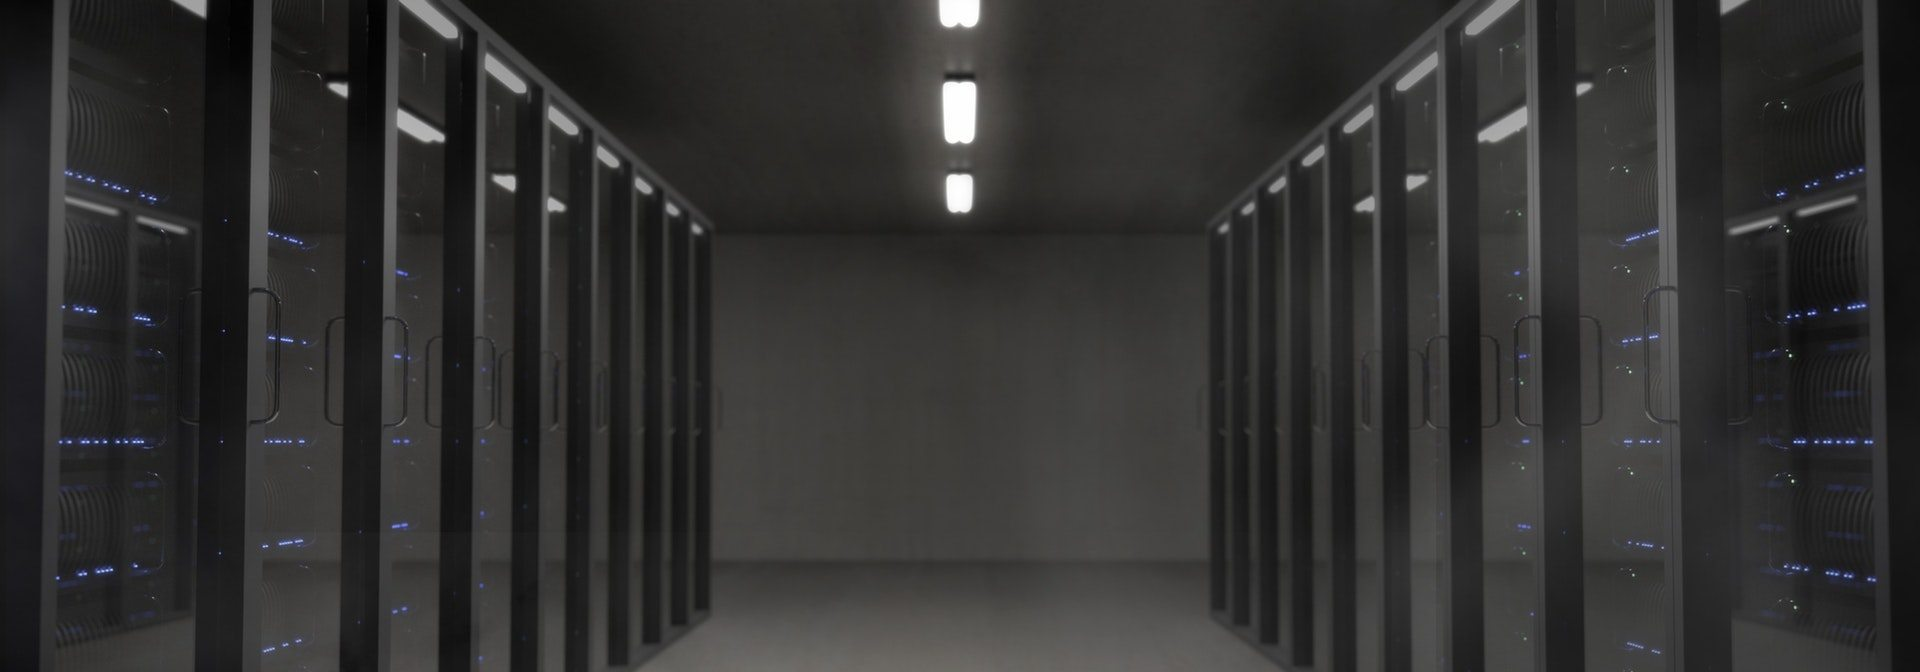 datacenter racks